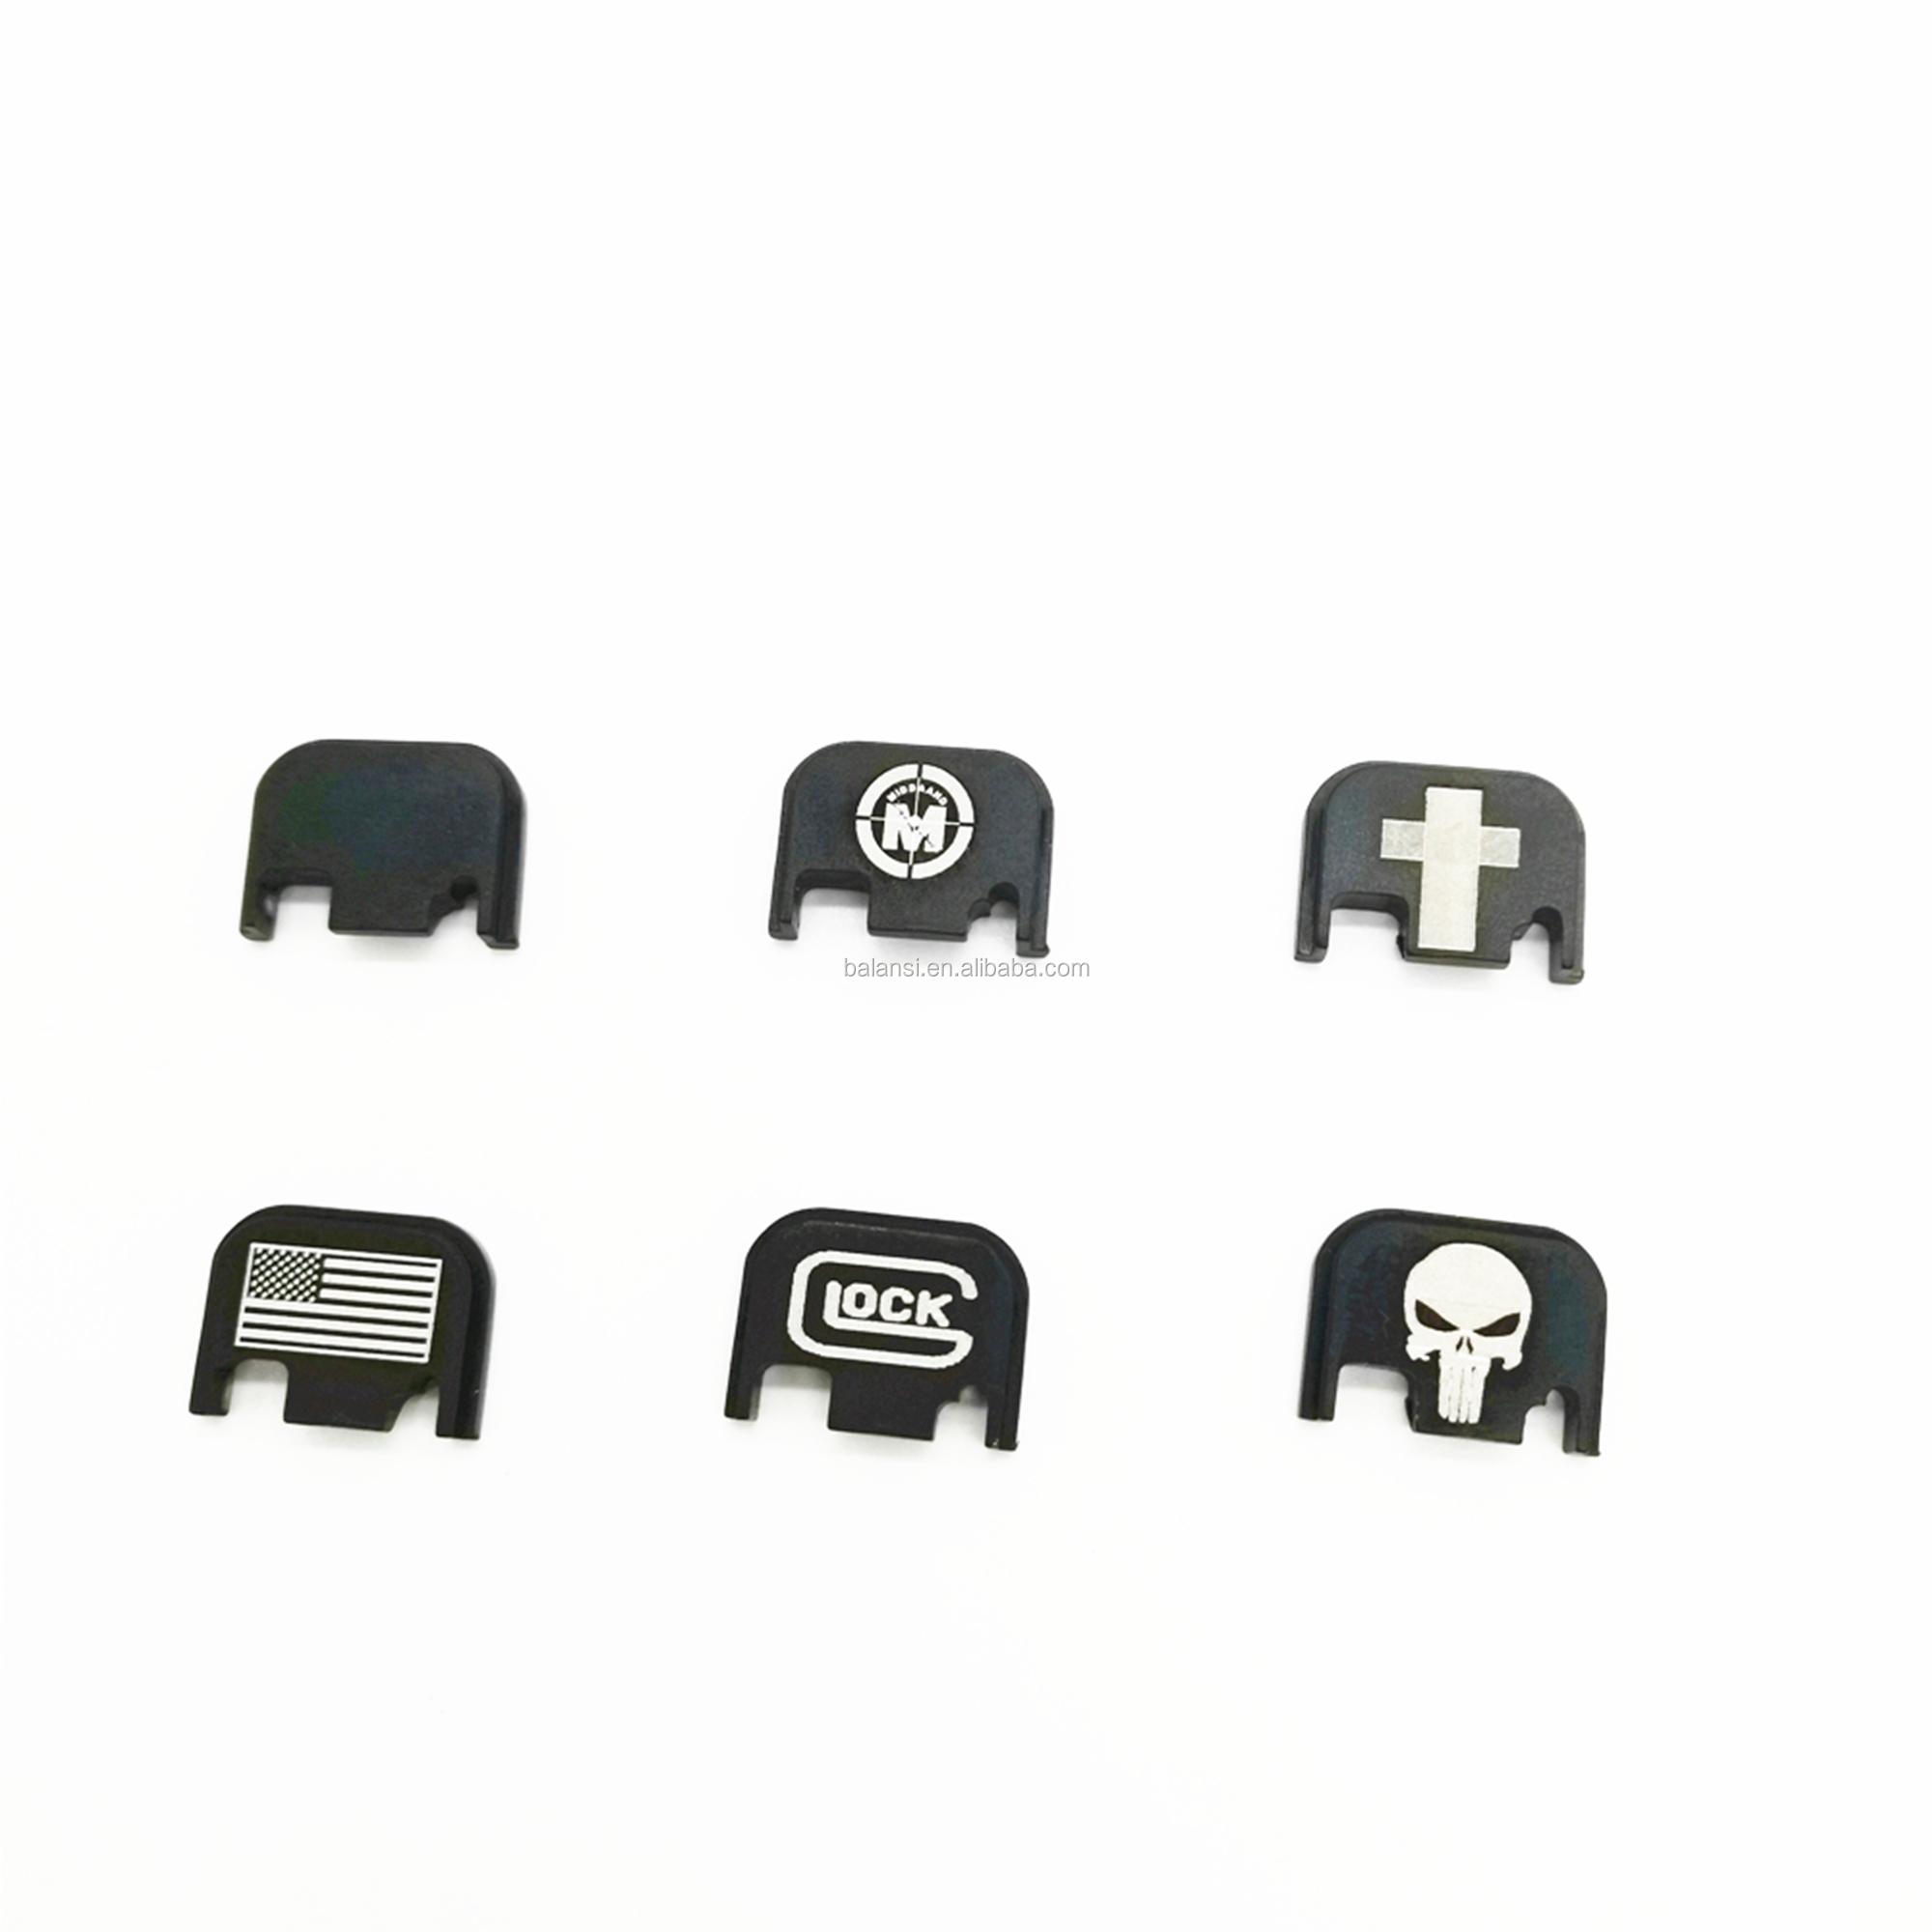 Aluminum glock Rear Cover Slide Back Plate Magwell for glock Gen 1-4  gen5 Glock 17 19 20 21 22 23 25 26 40 41